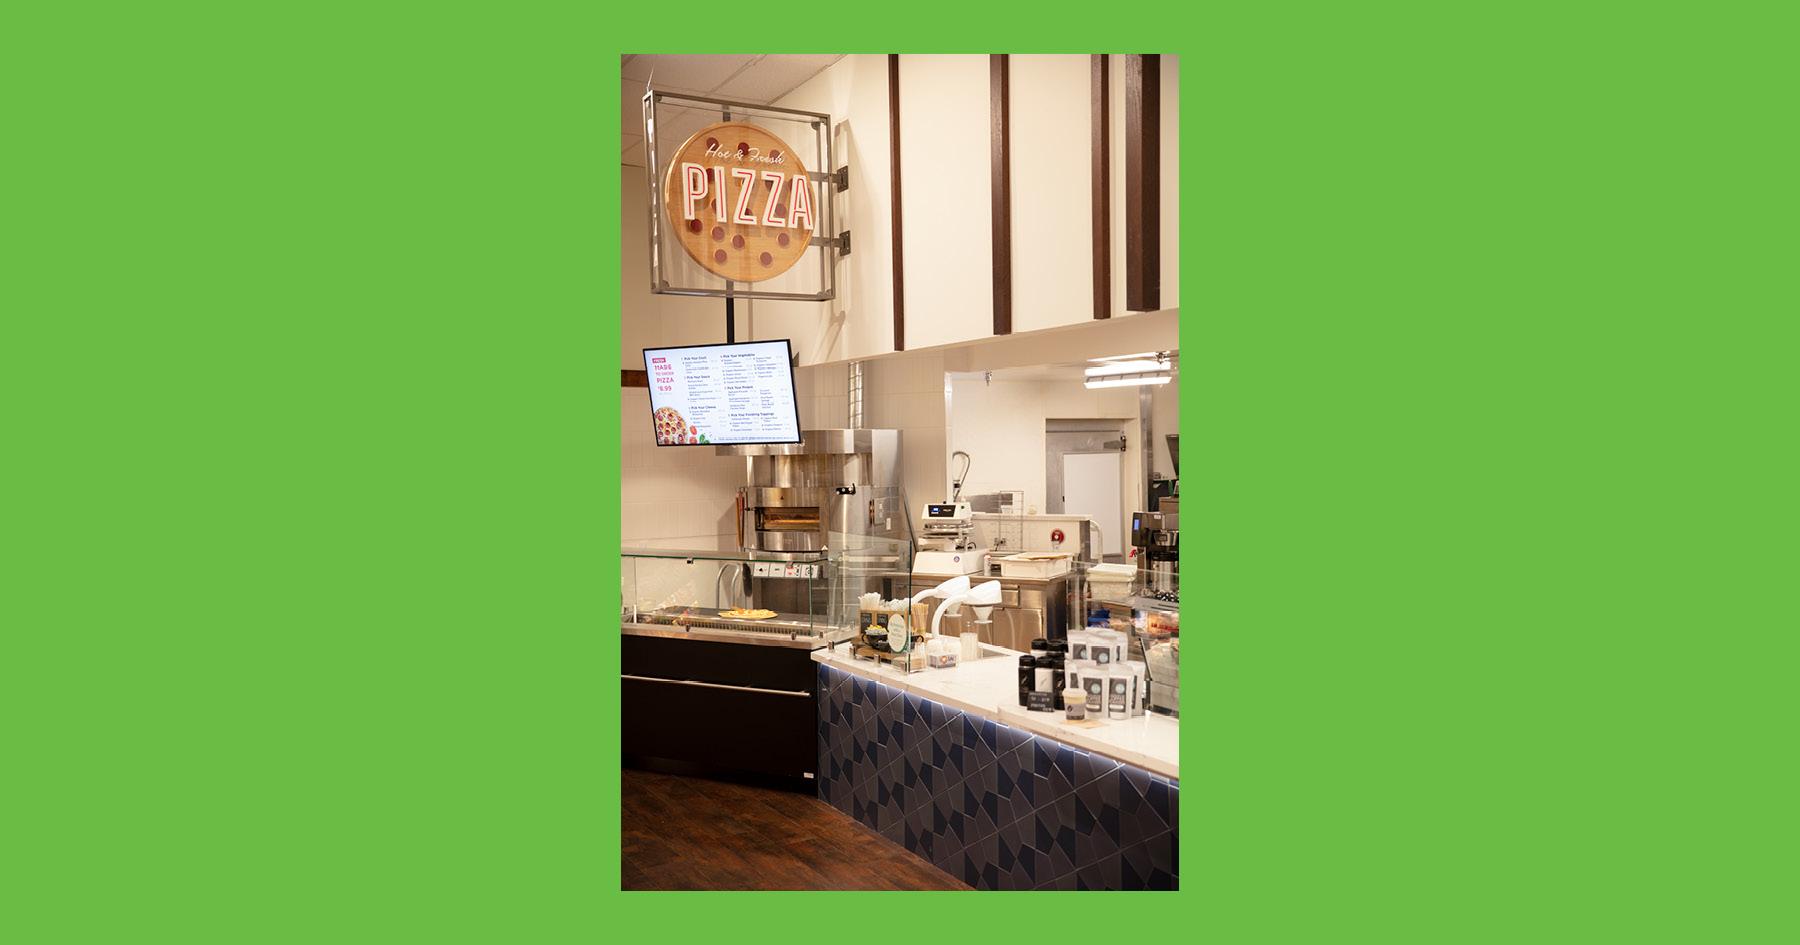 Pizza, O-N-E Market